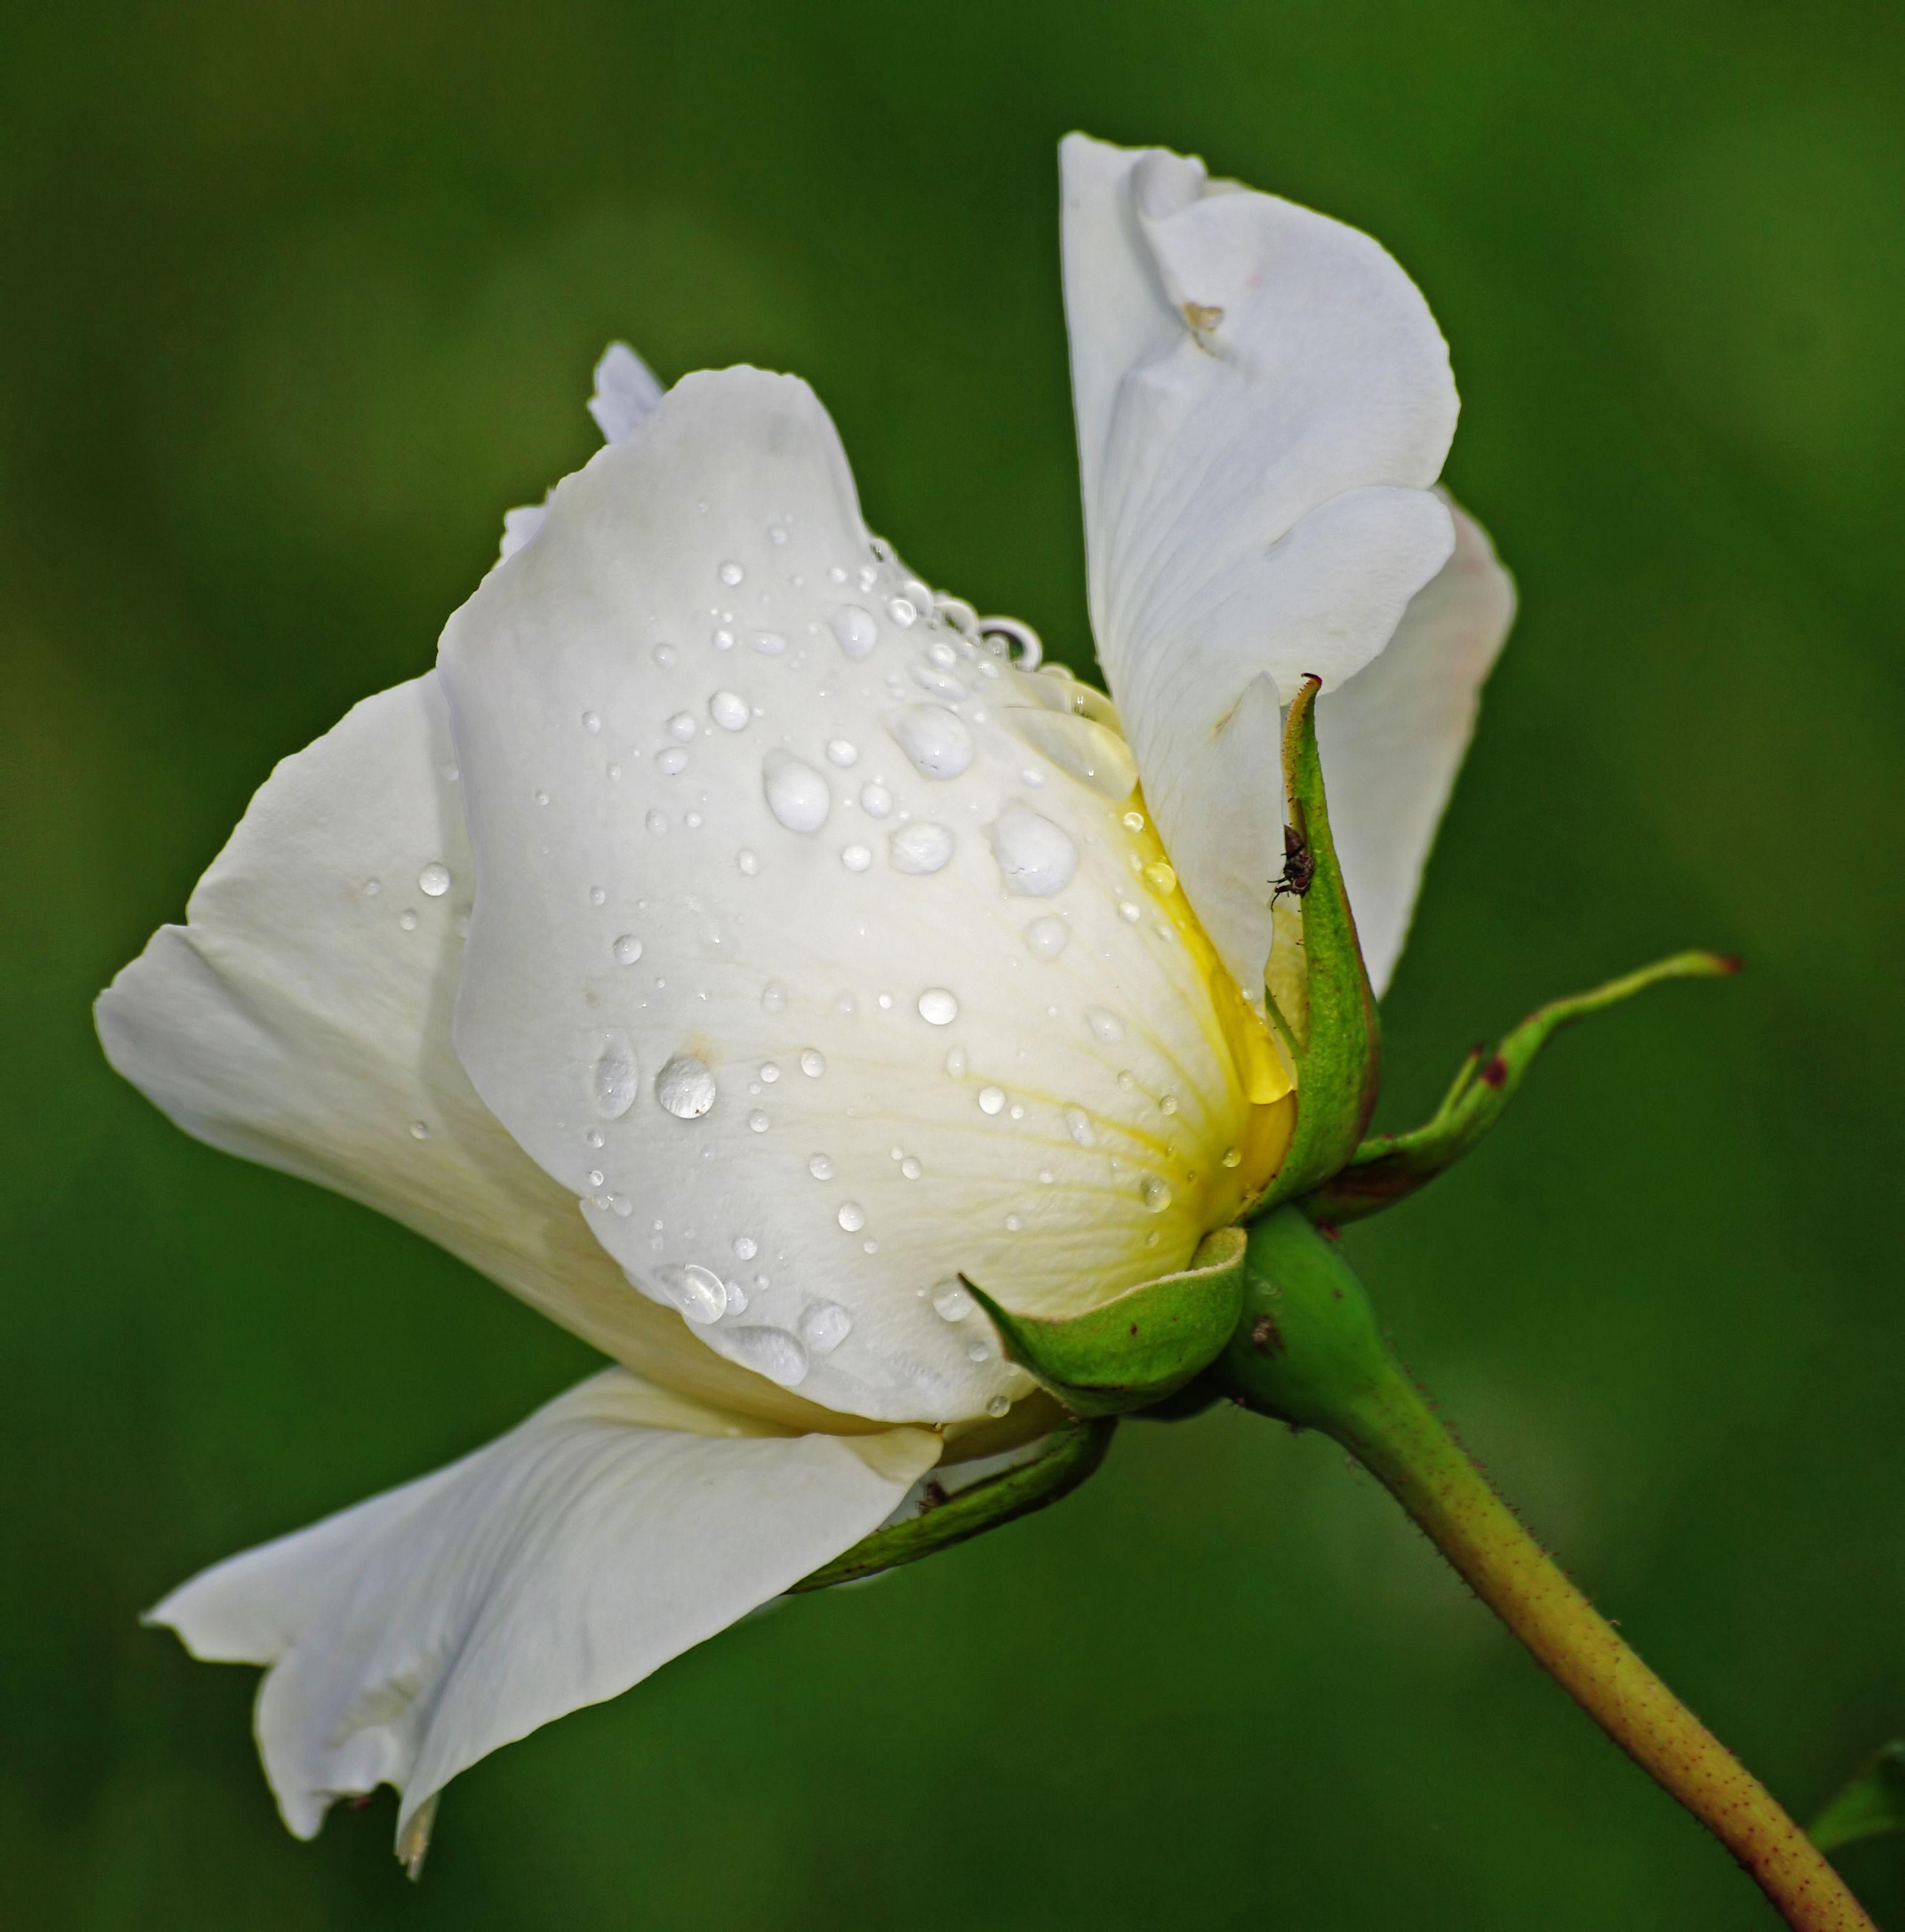 старой картинка белы бутон розы велотренажер